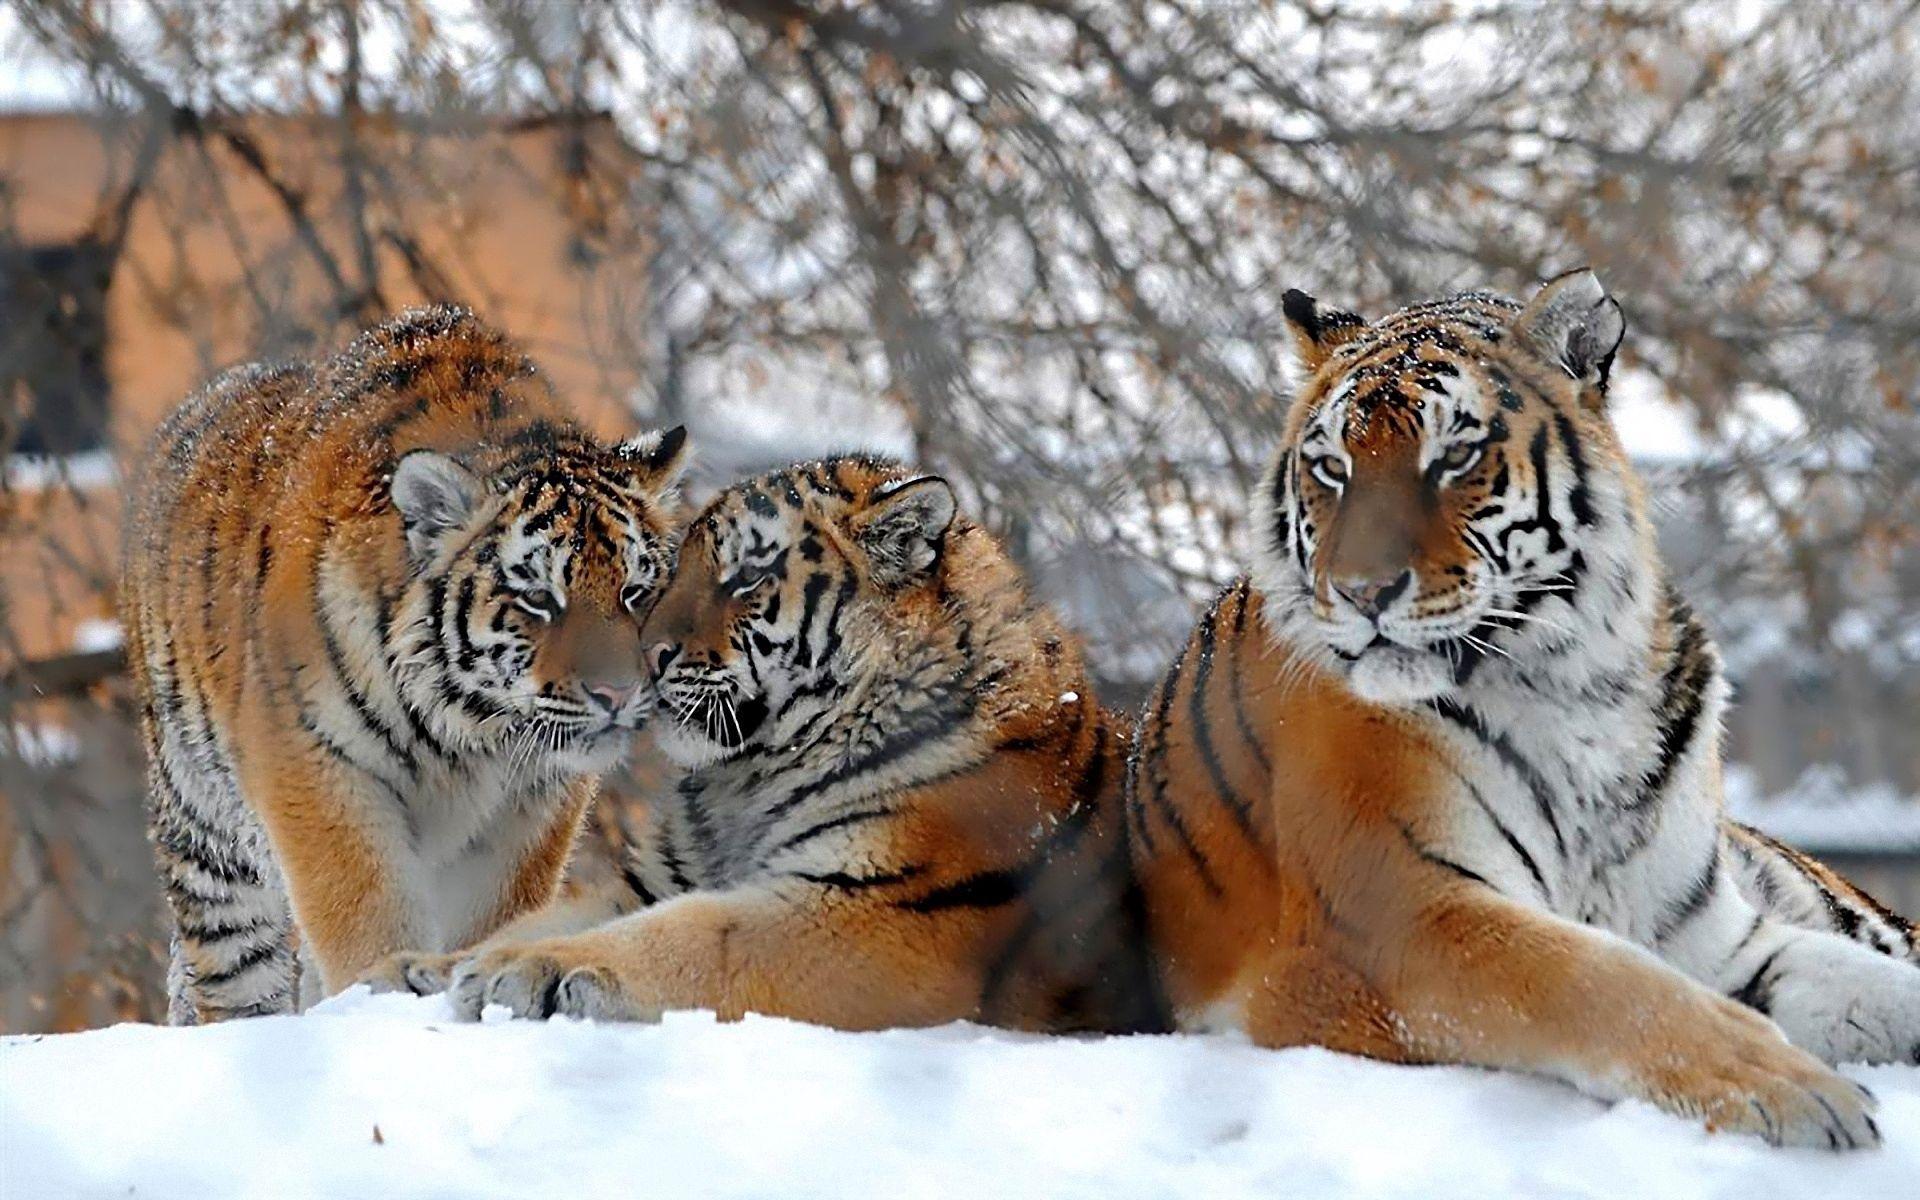 142167壁紙のダウンロード動物, 大きな猫, ビッグキャッツ, 雪, 降雪, 三, 3, 阪神タイガース-スクリーンセーバーと写真を無料で